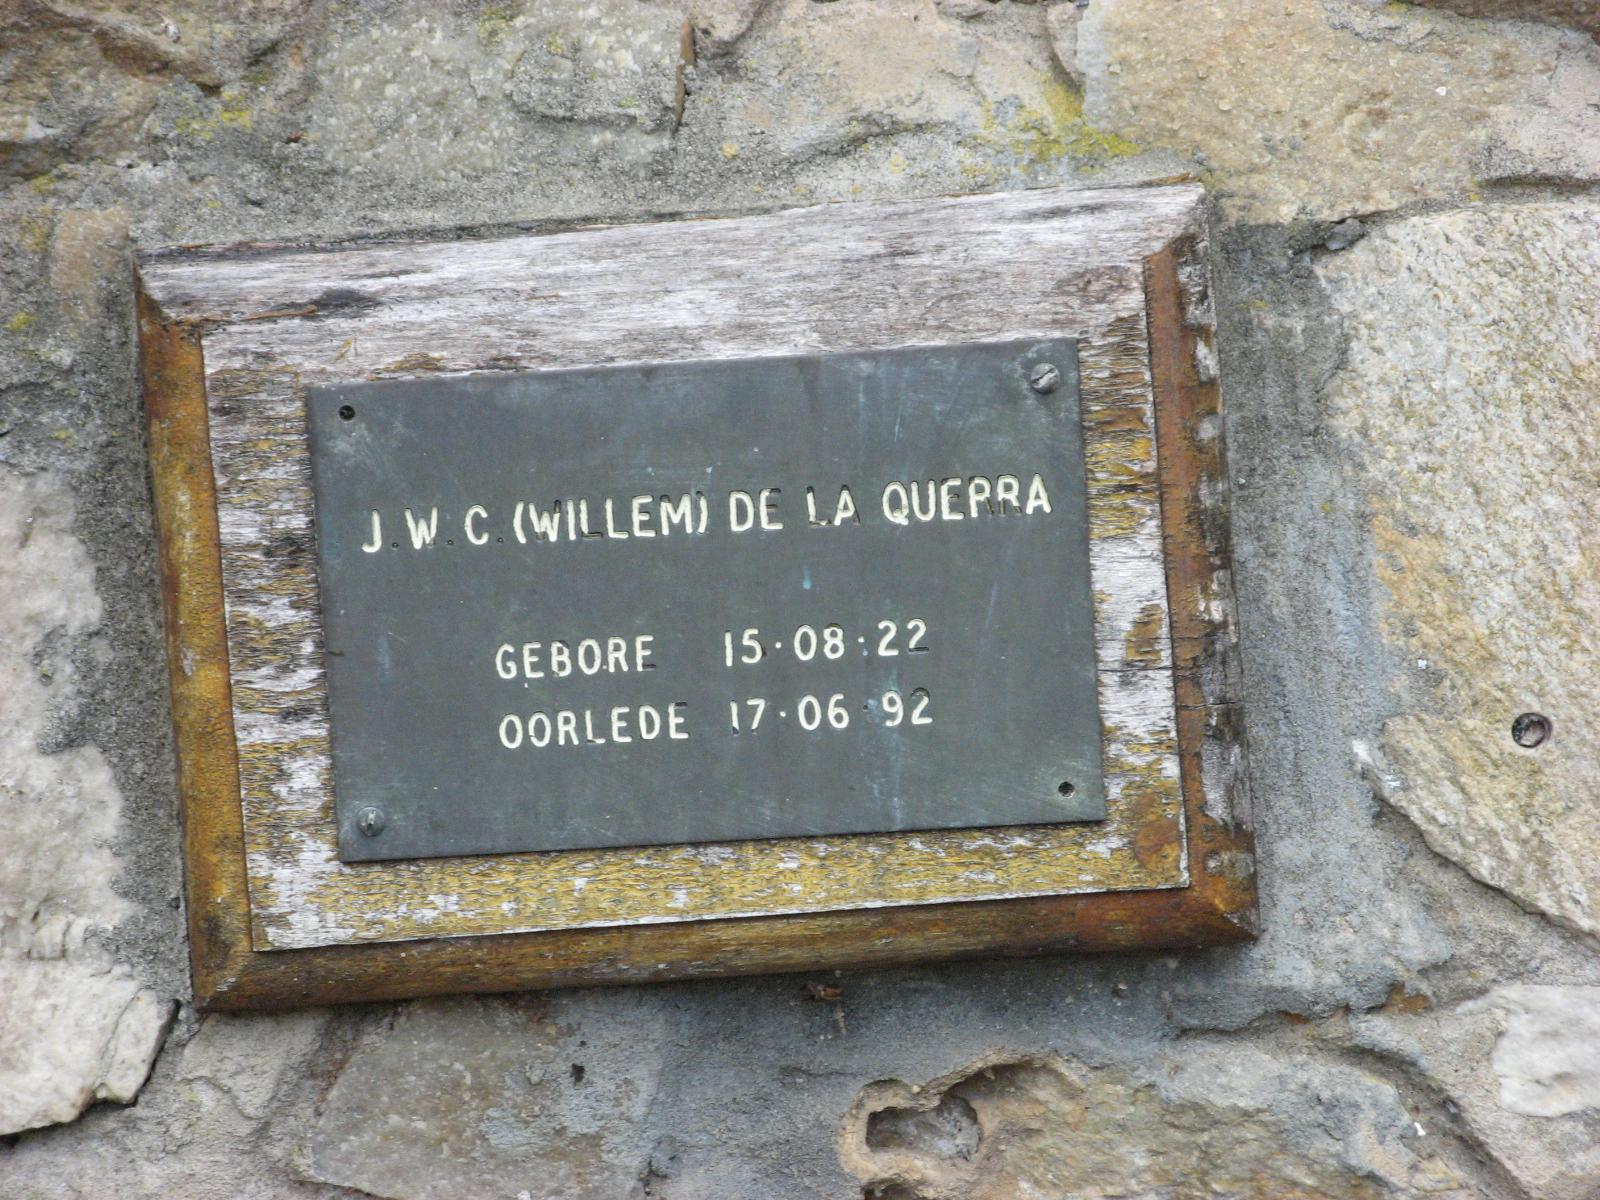 De La Querra, J. W. C. (Willem)